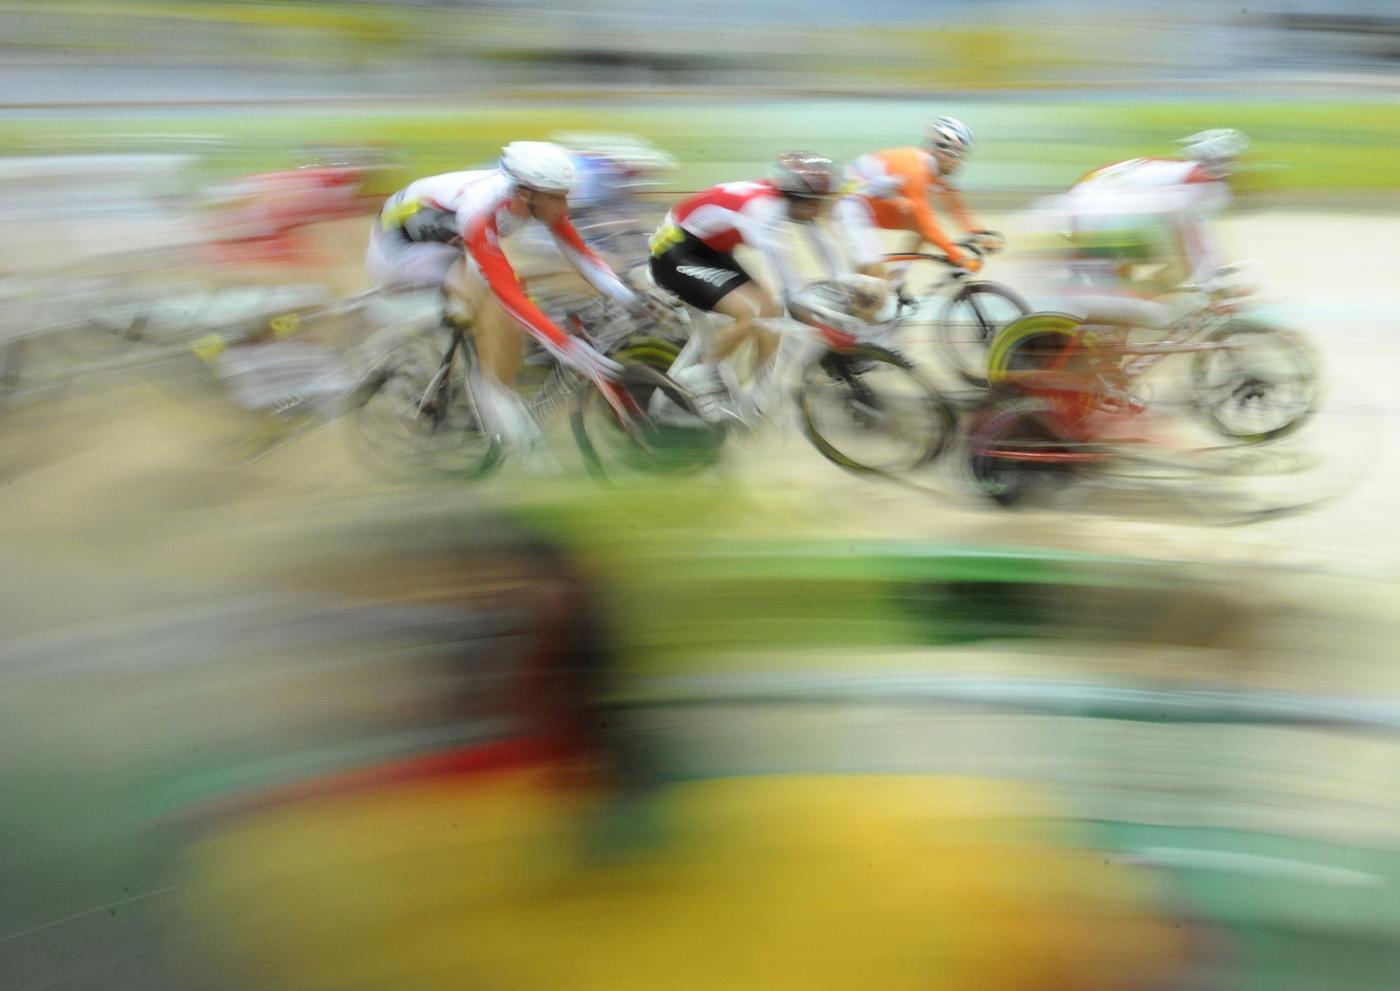 Серебряный призер Олимпиады‑1996 Николай Кузнецов: У водителя КрАЗа было два варианта: зашибить меня или притормозить - фото